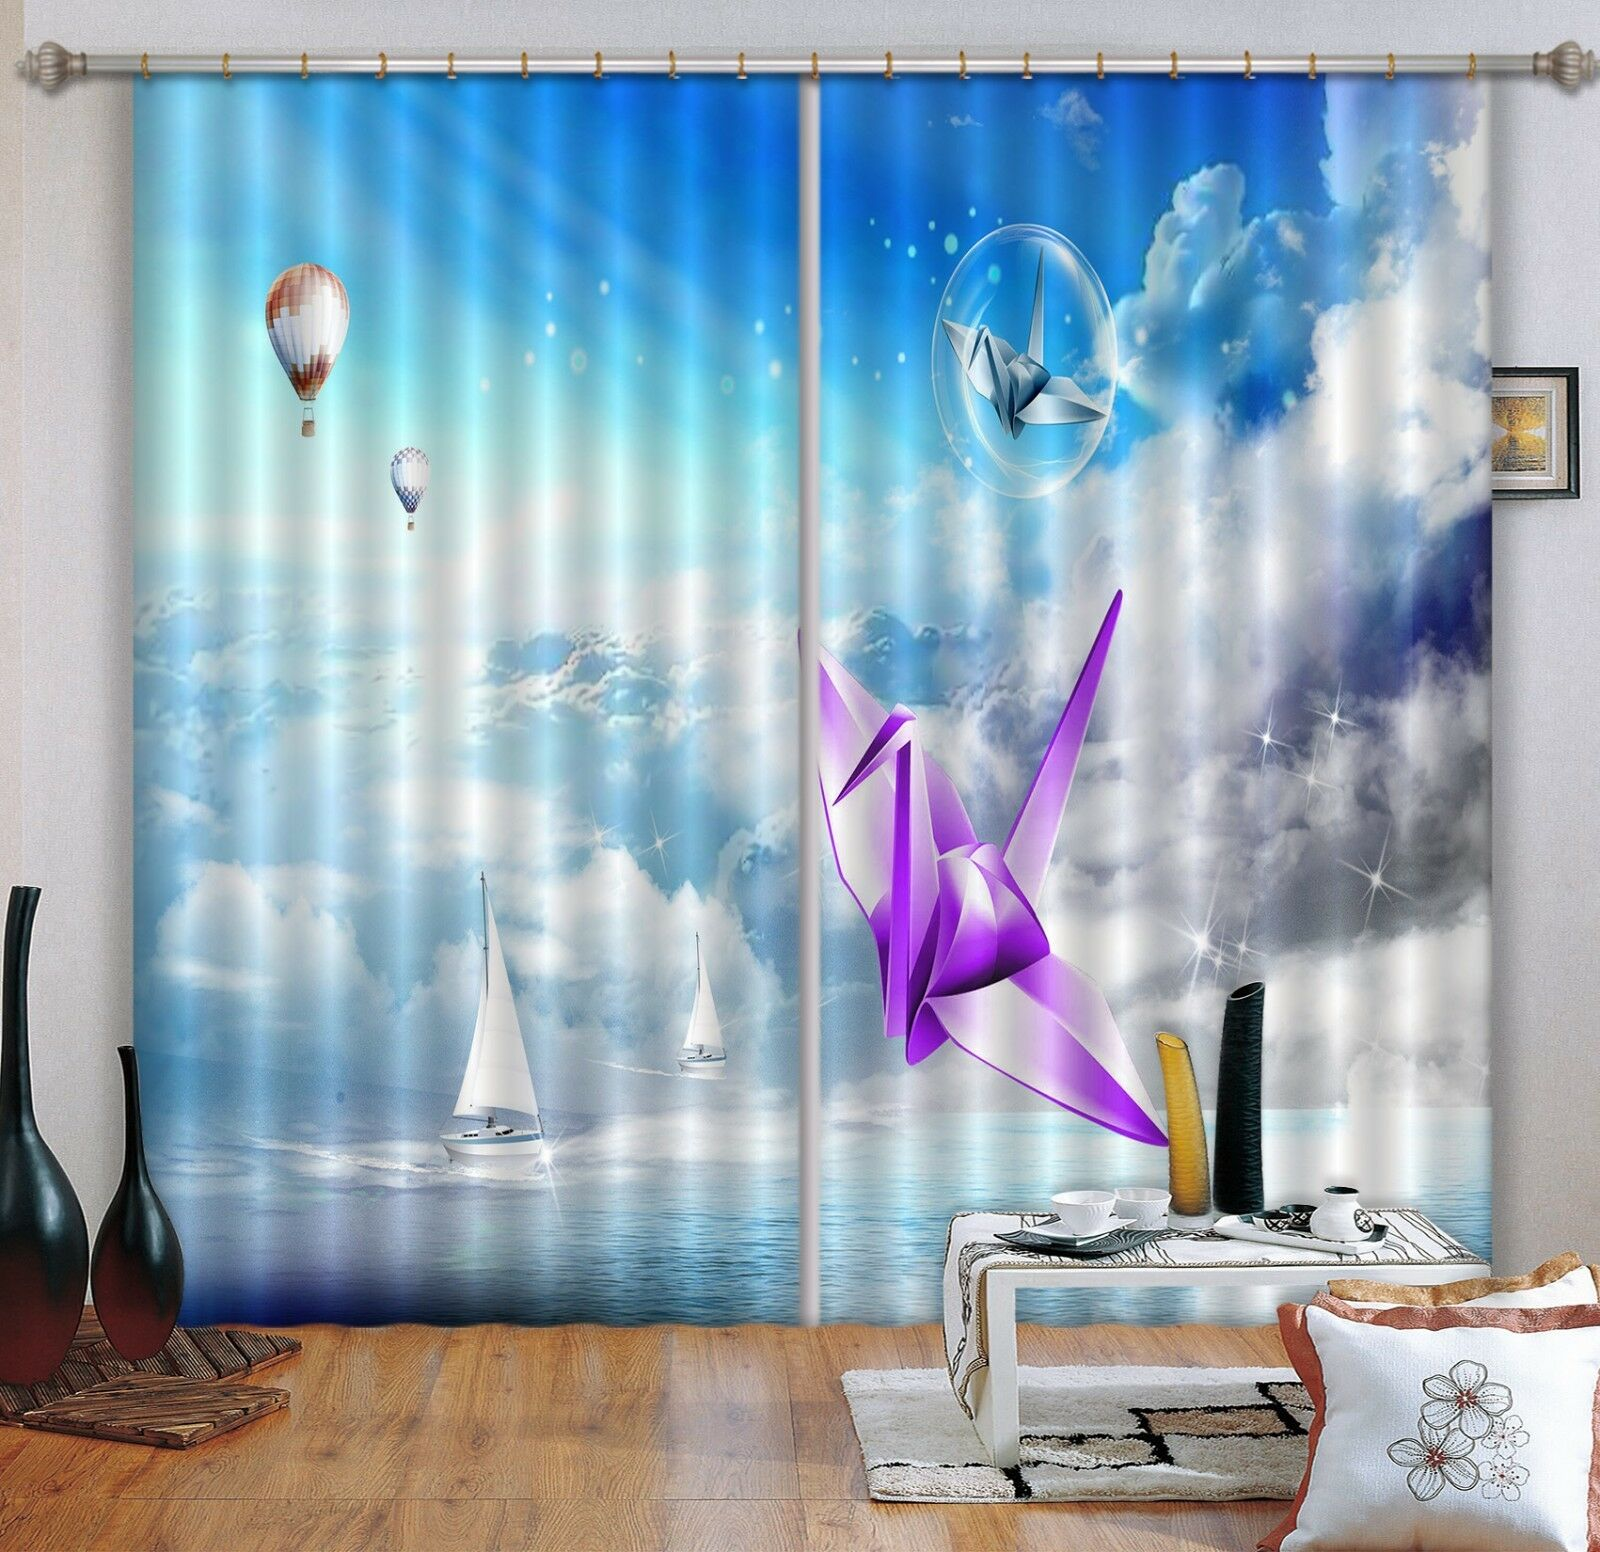 3D grúas Sky 3 Cortinas de impresión de cortina de foto Blockout Tela Cortinas Ventana au